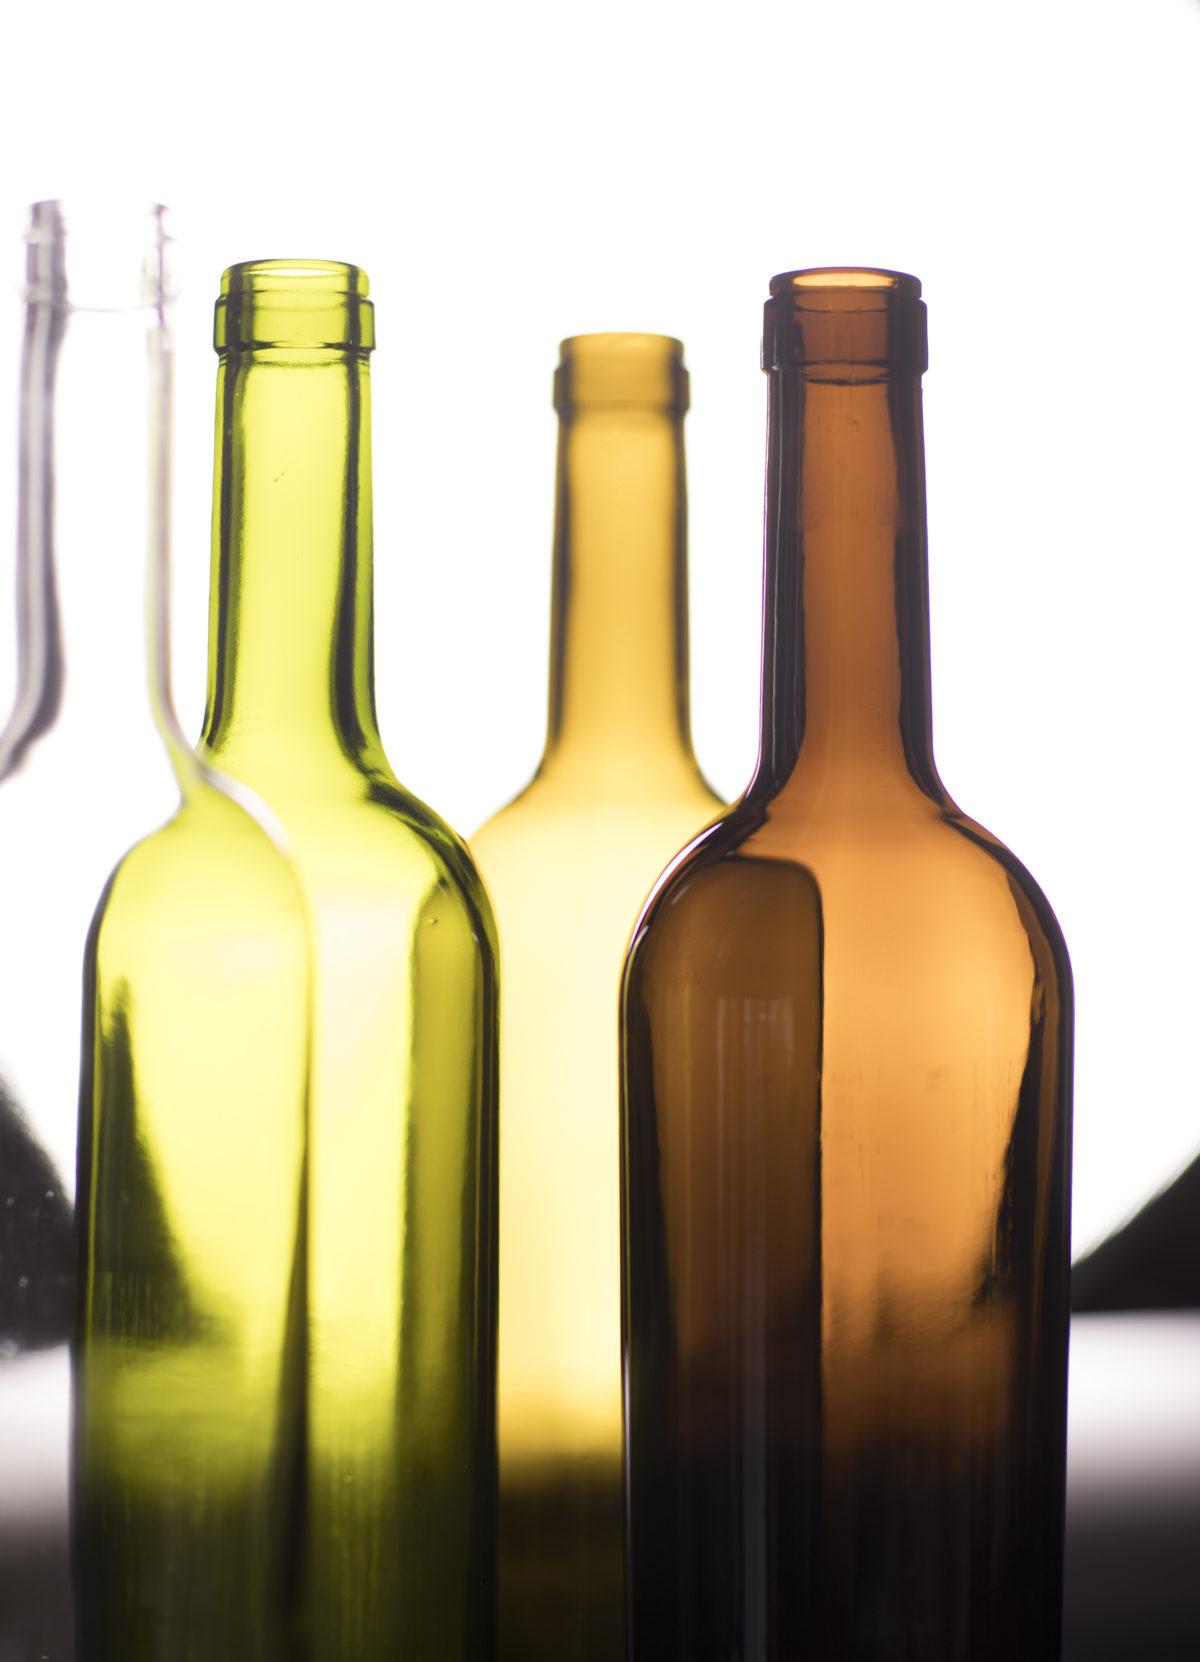 ¿Sabes que el color de las botellas de vino tiene su función?